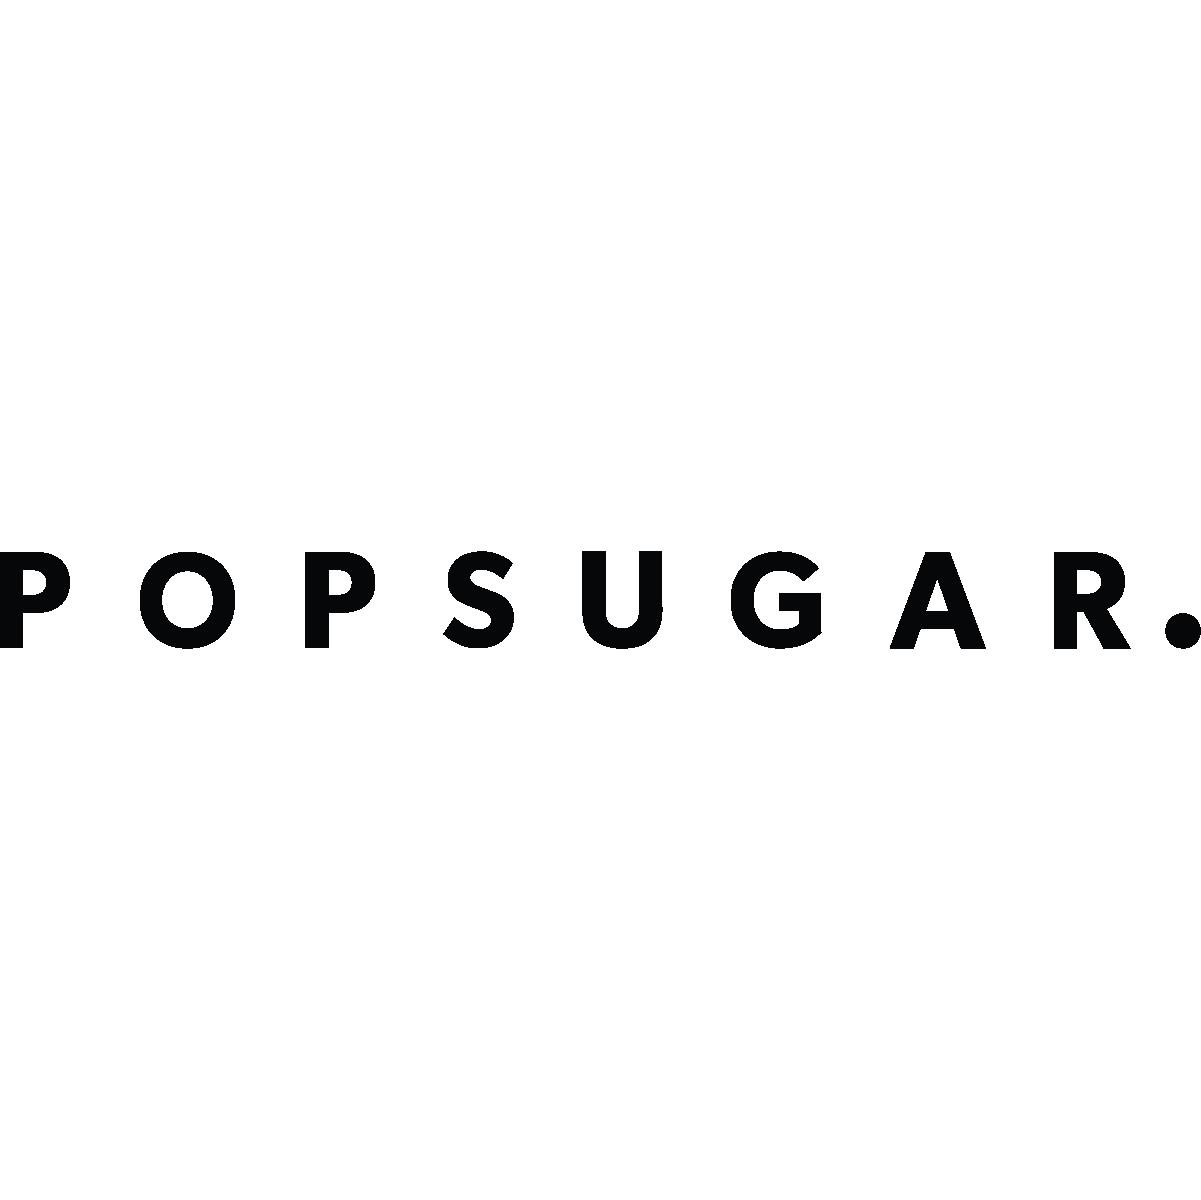 staciewebsite-logo_PopSugar.png